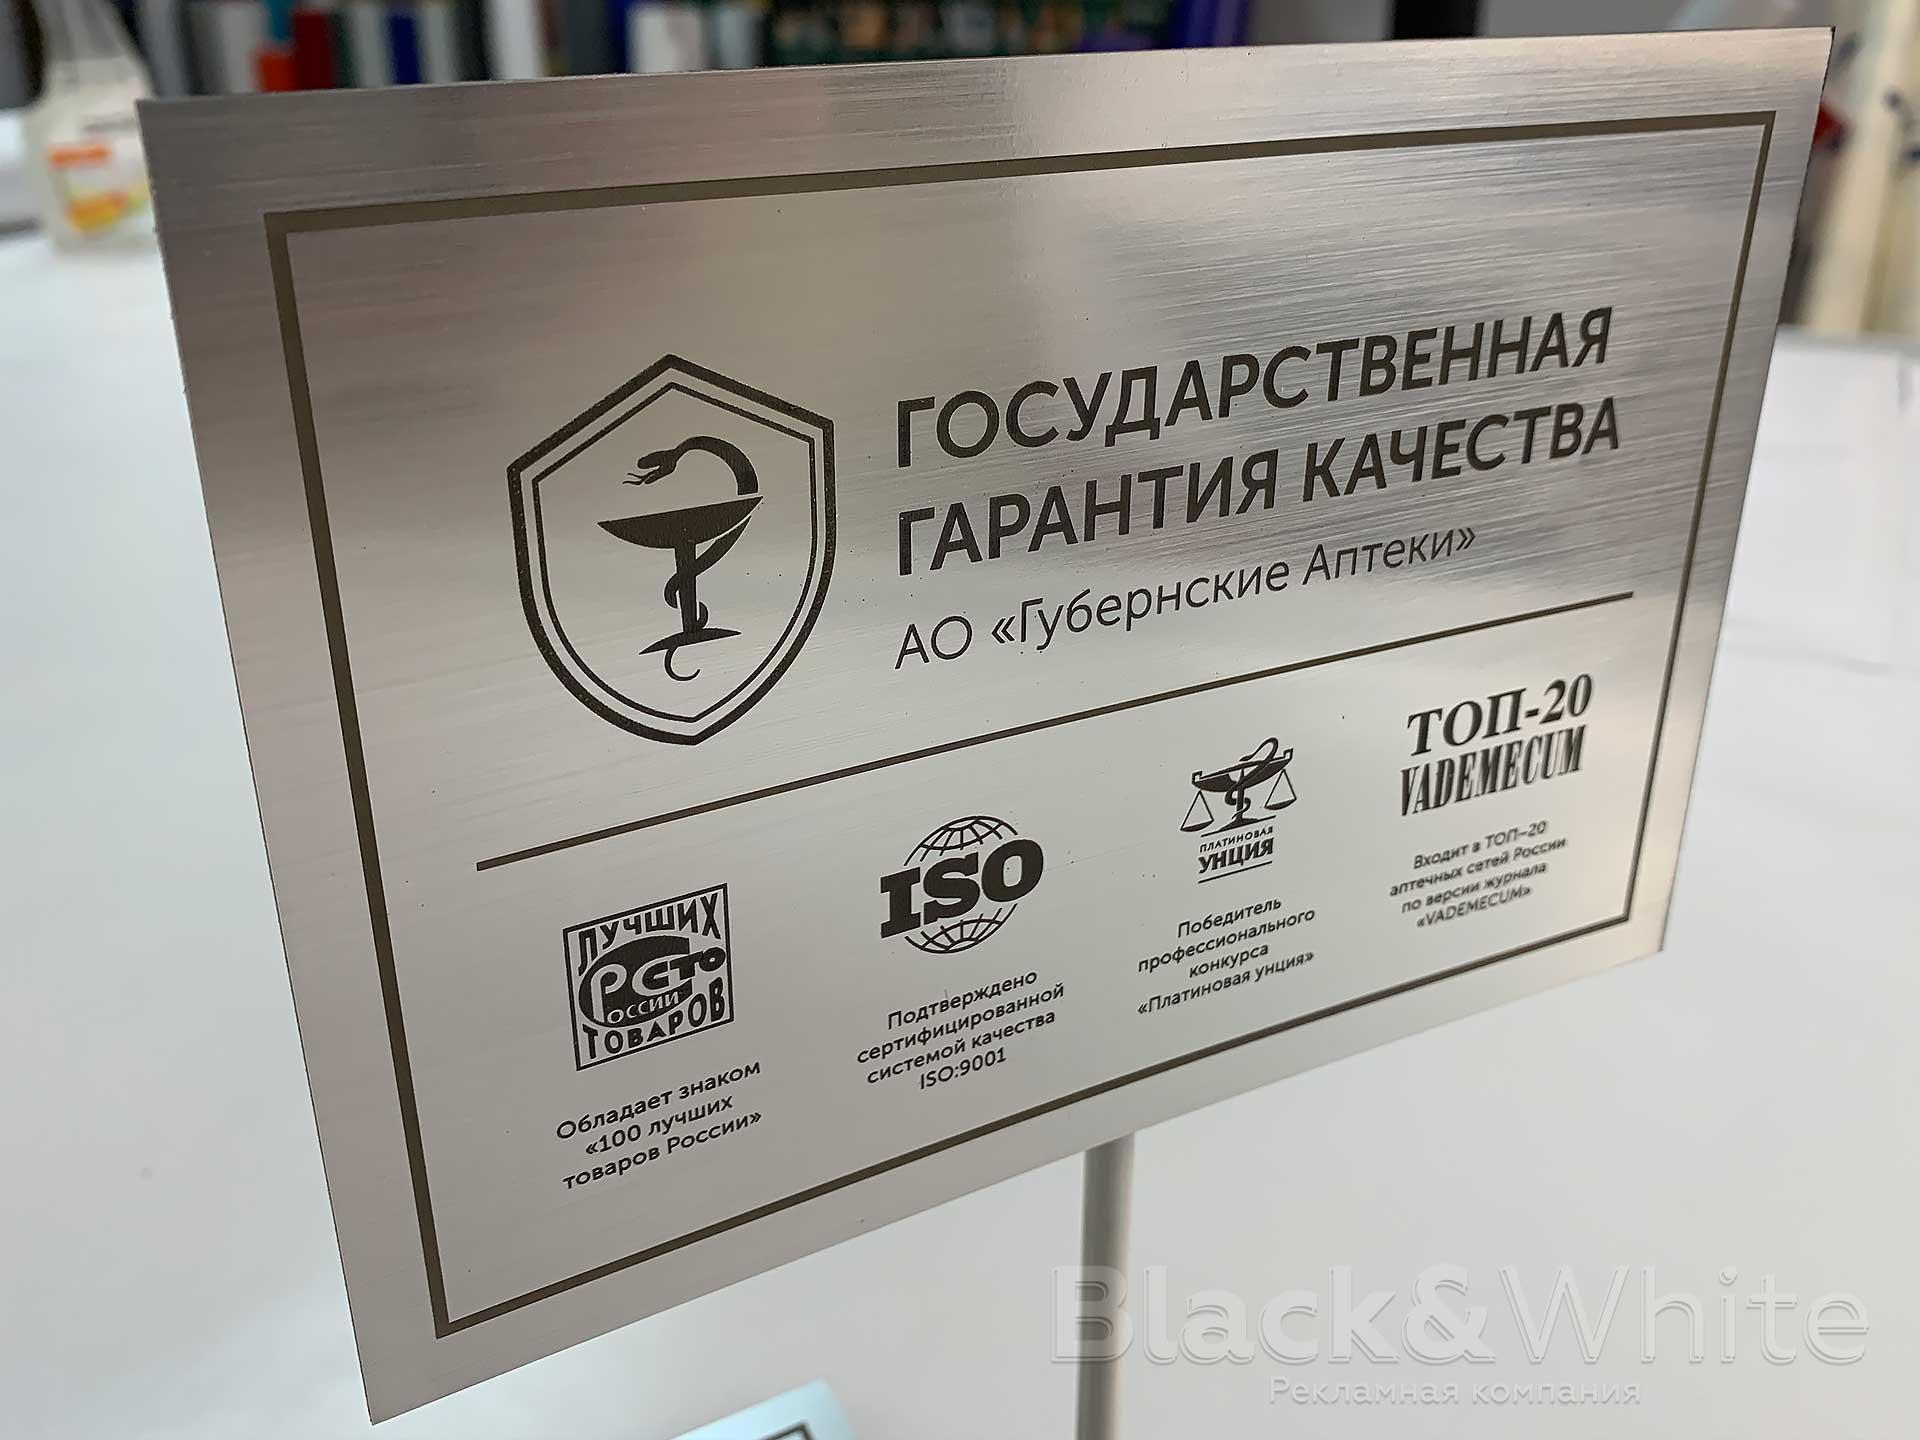 Табличка-из-декоративного-пластика-Красноярск.jpg